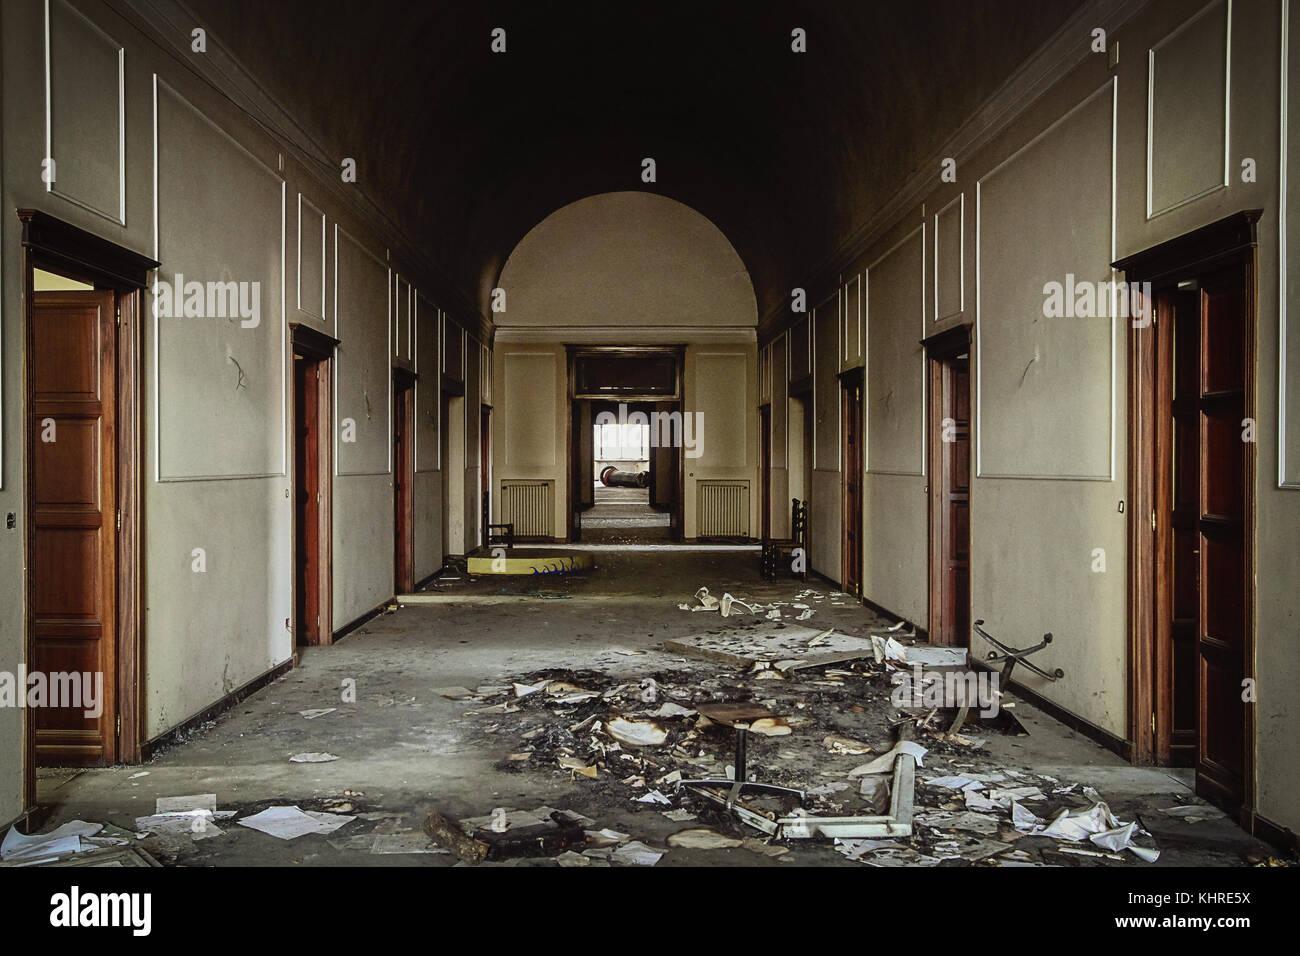 Innenraum des verlassenen psychiatrischen Klinik in colorno, Italien. Stockbild